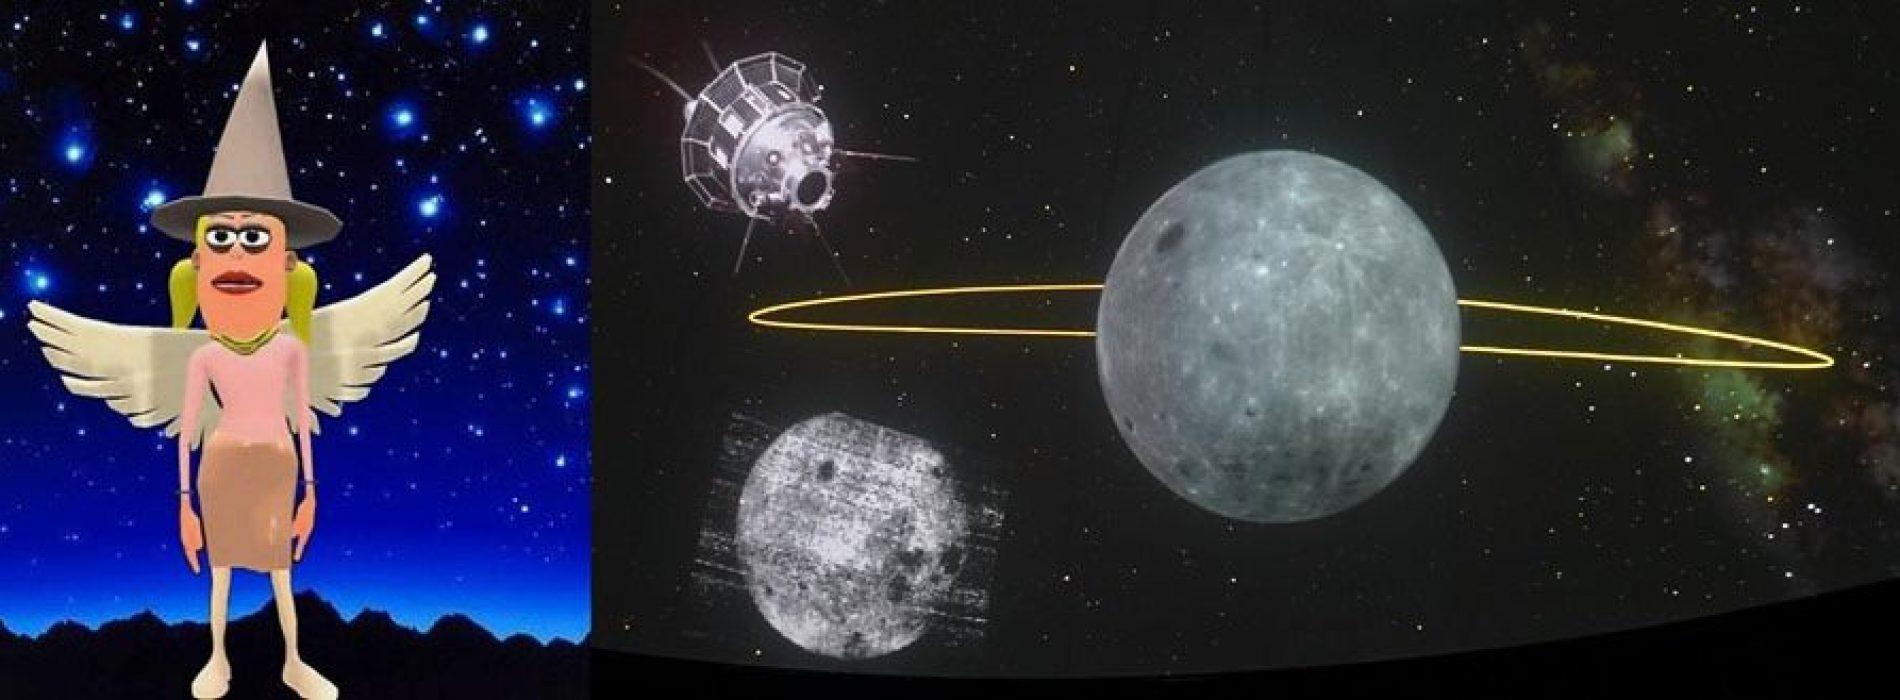 Il Planetario ti porta sulla luna, l'evento con la fata della notte